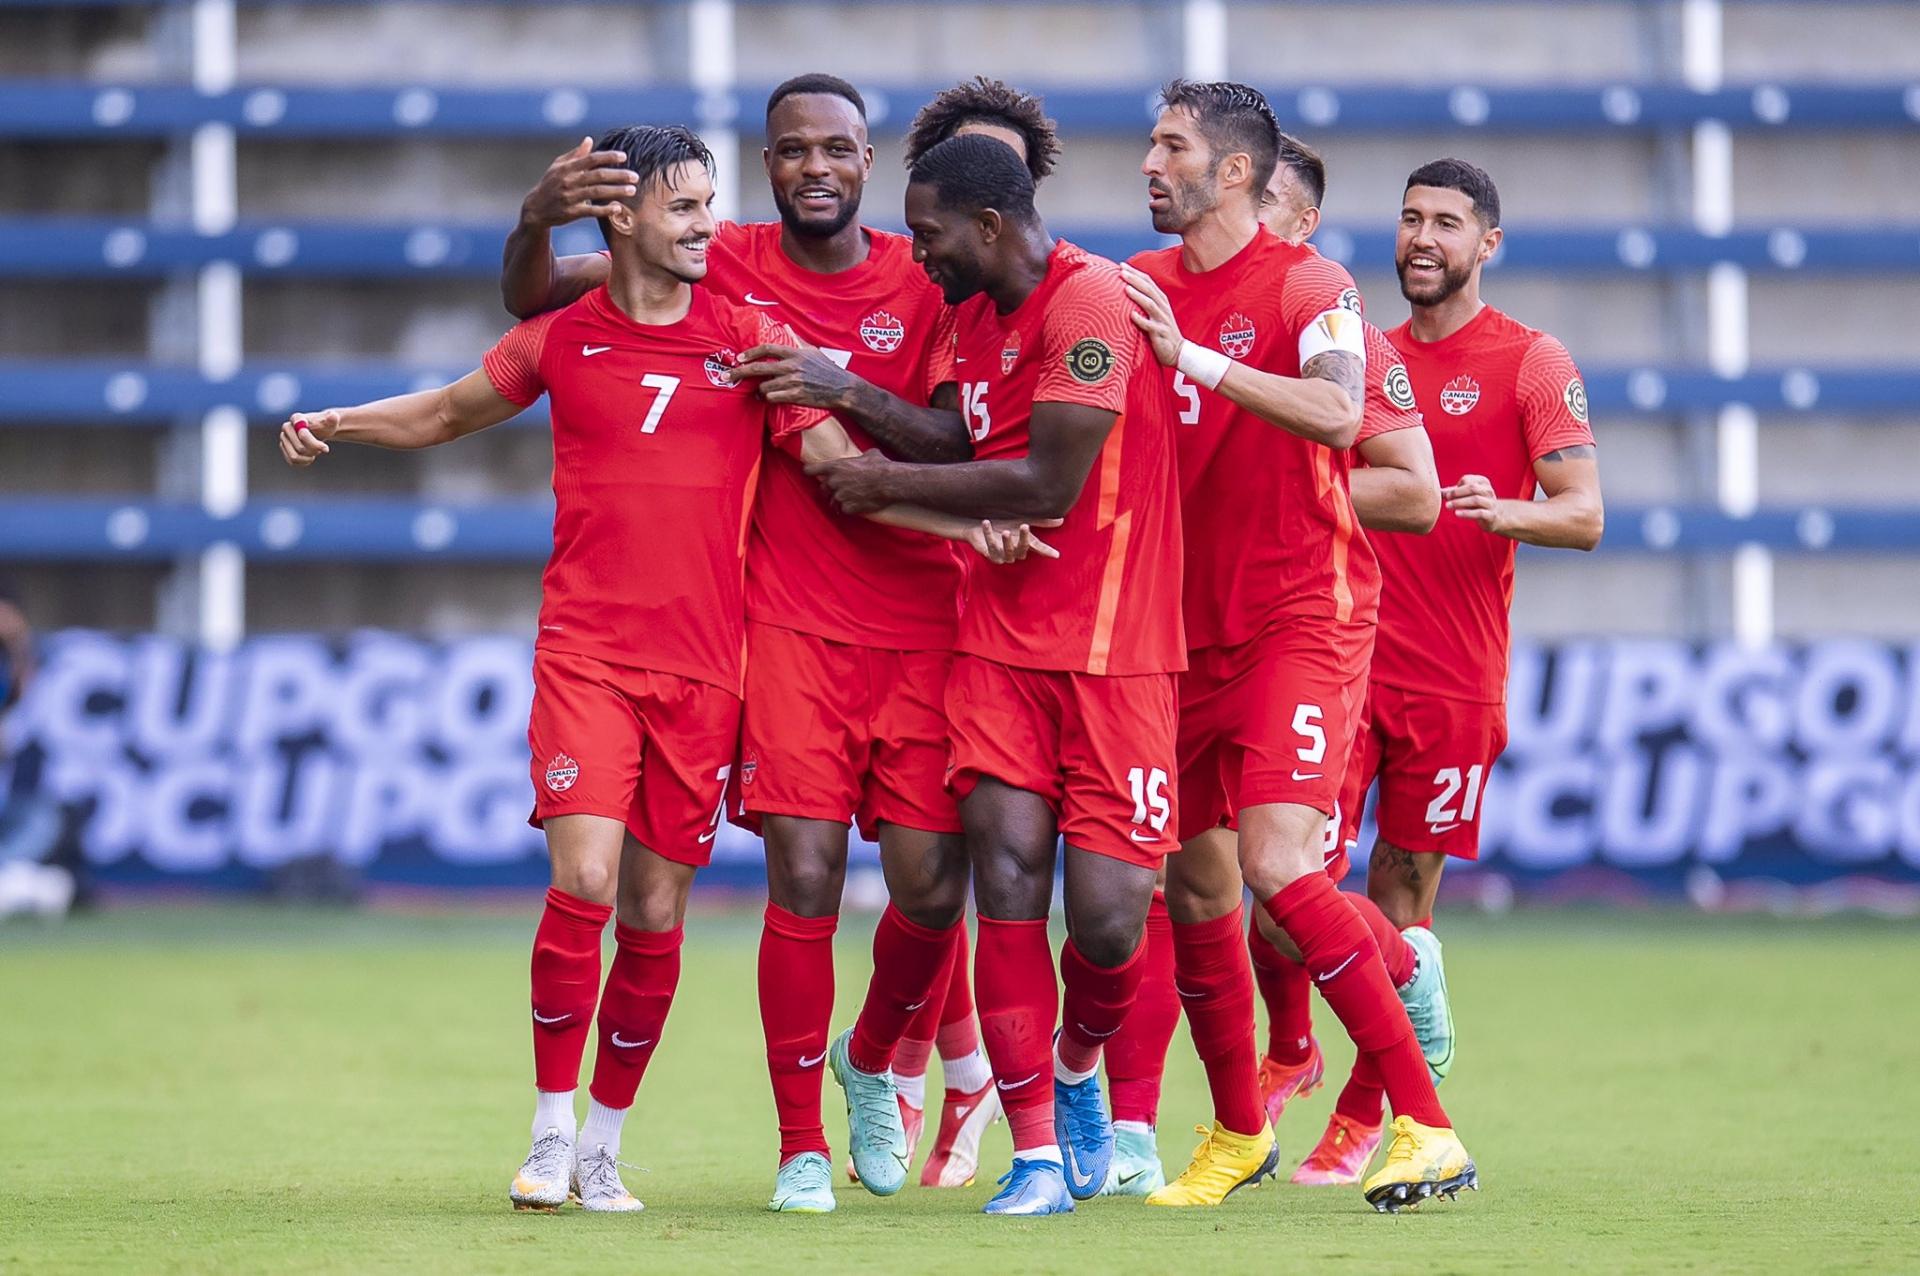 Nhận định Mexico vs Canada, 09h00 ngày 30/07: Sức mạnh của đương kim vô địch 3